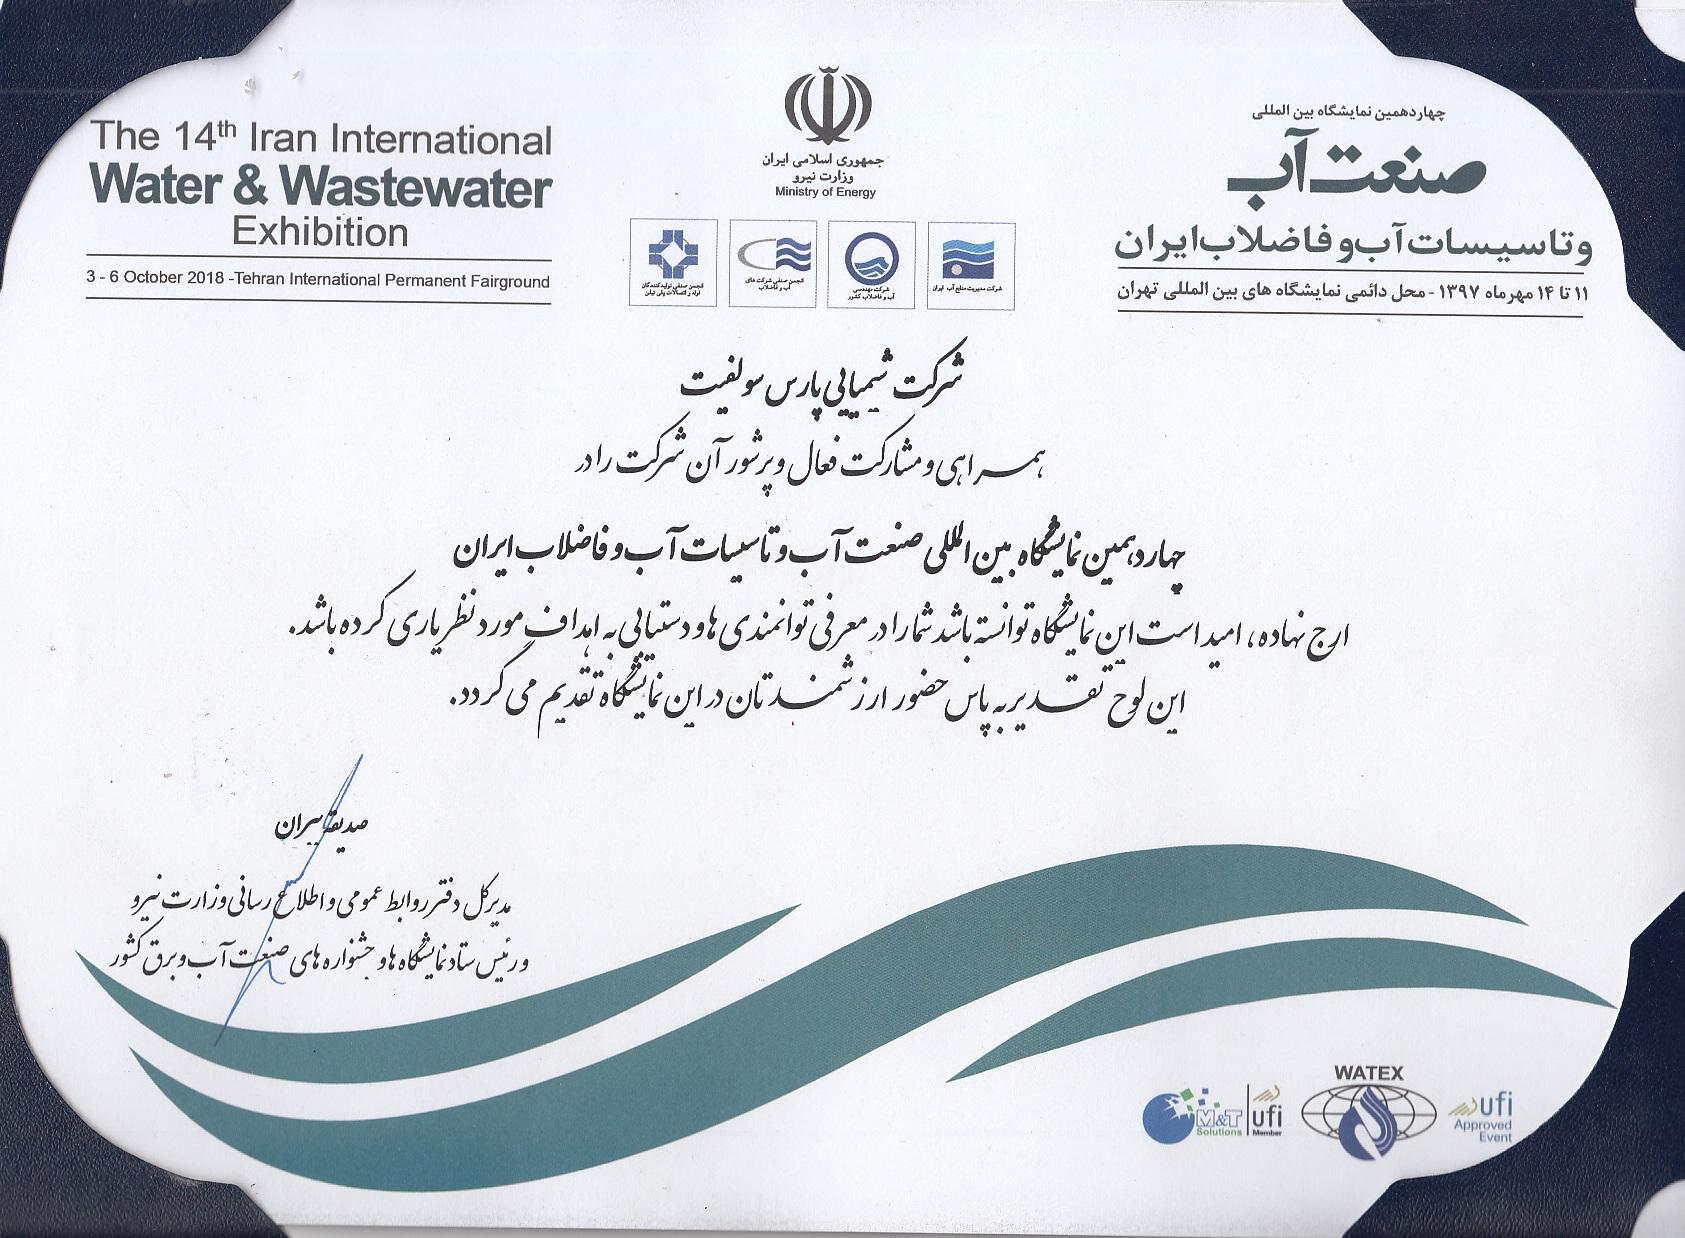 حضور در چهاردهمین نمایشگاه صنعت آب و تاسیسات آب و فاضلاب ایران